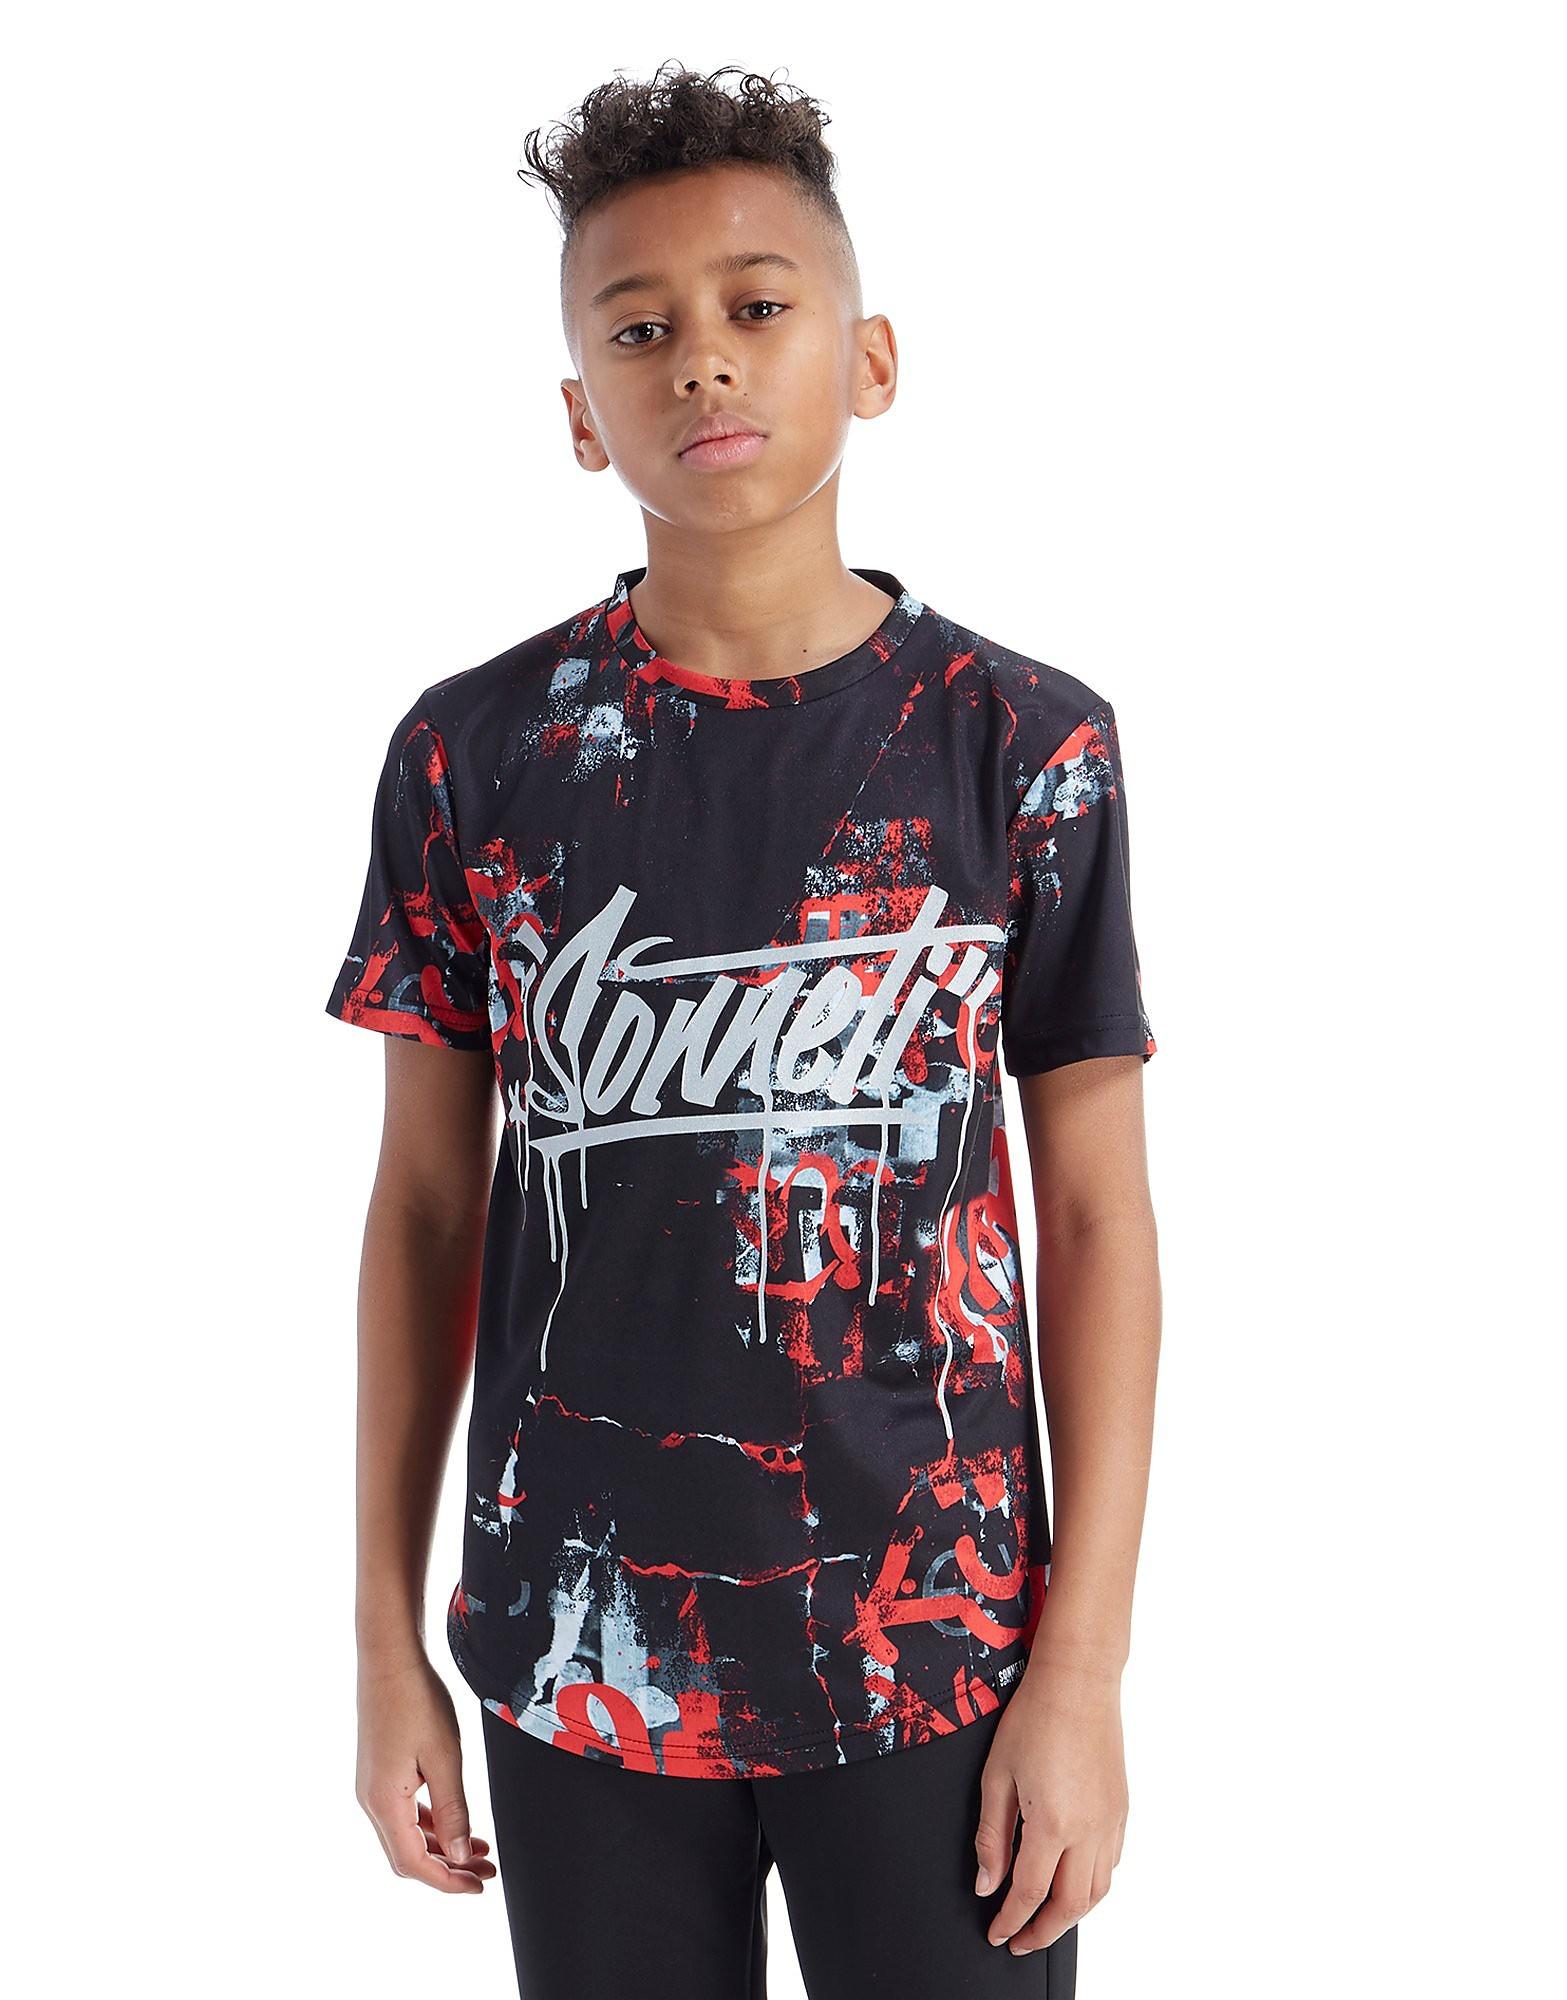 Sonneti Vandal Crack T-Shirt Junior